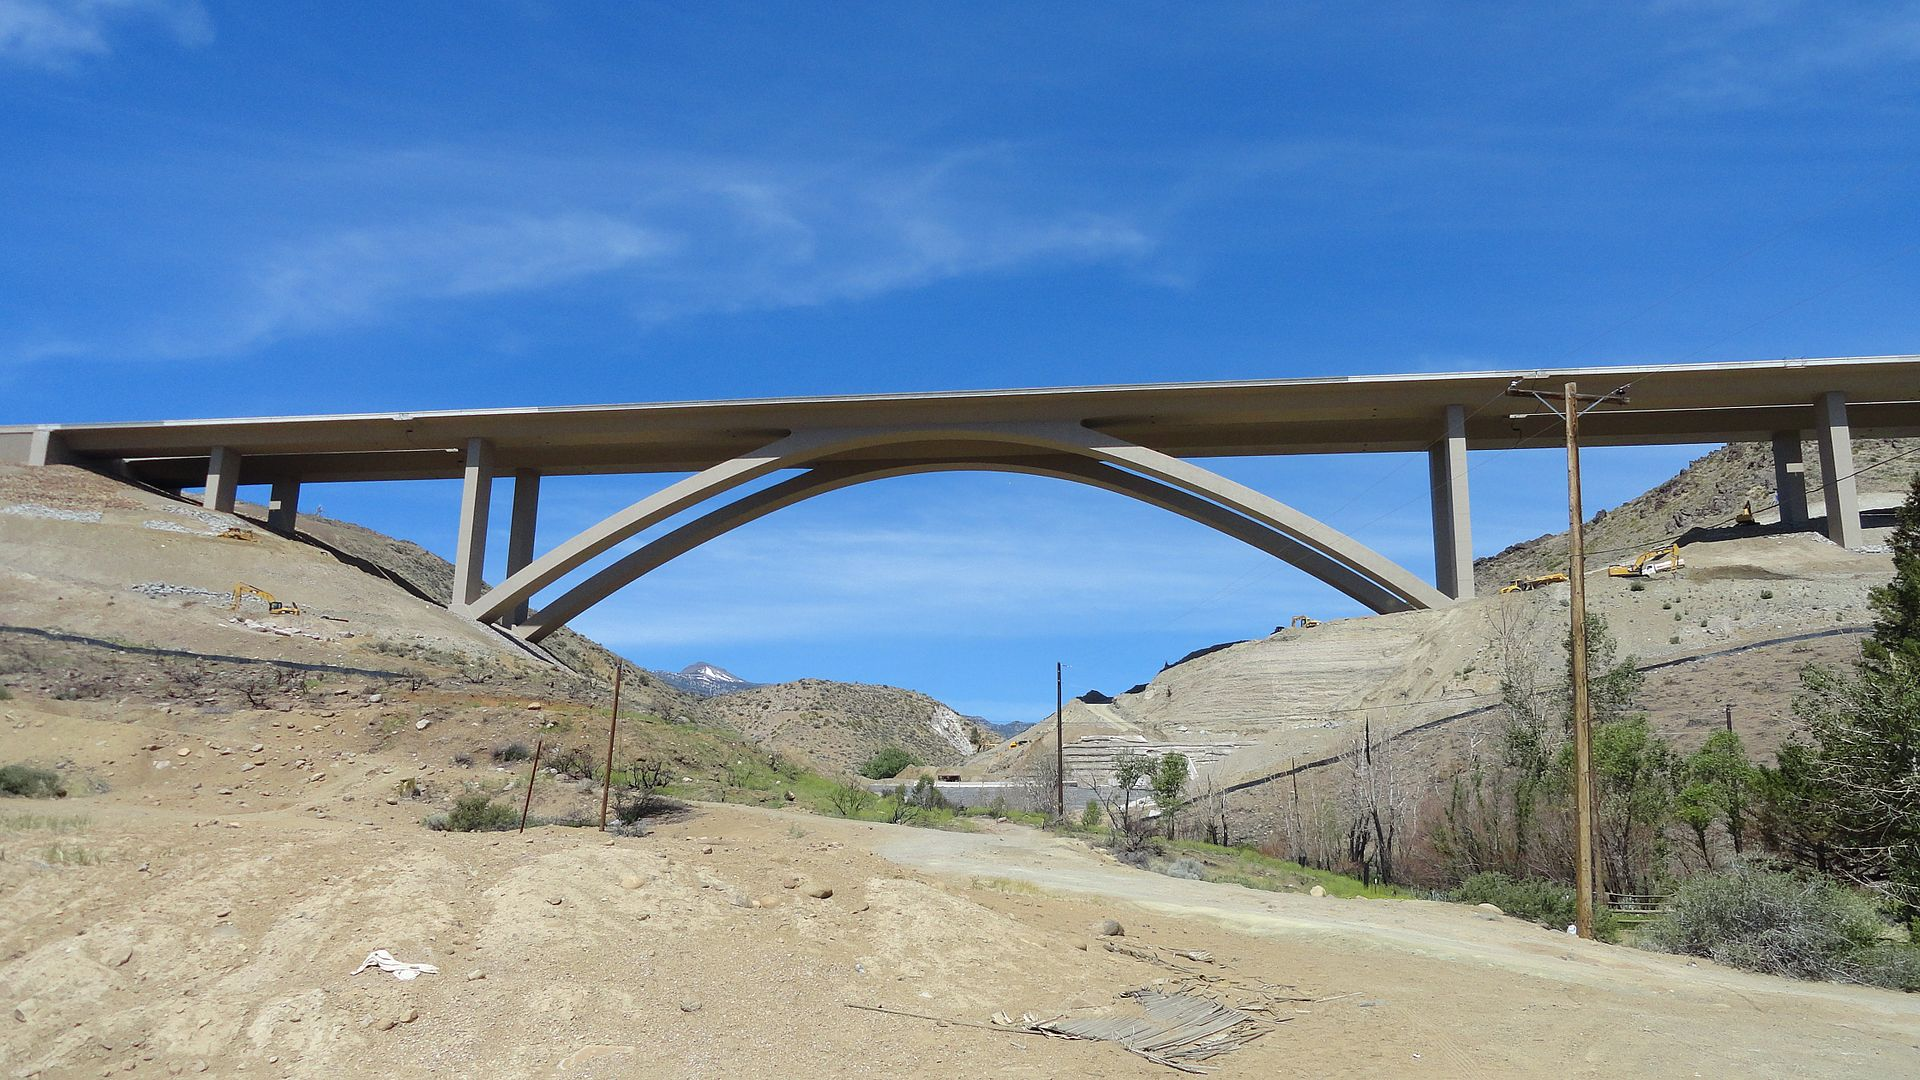 STEAM Thursdays at Sierra View - Nevada Bridge Building Challenge